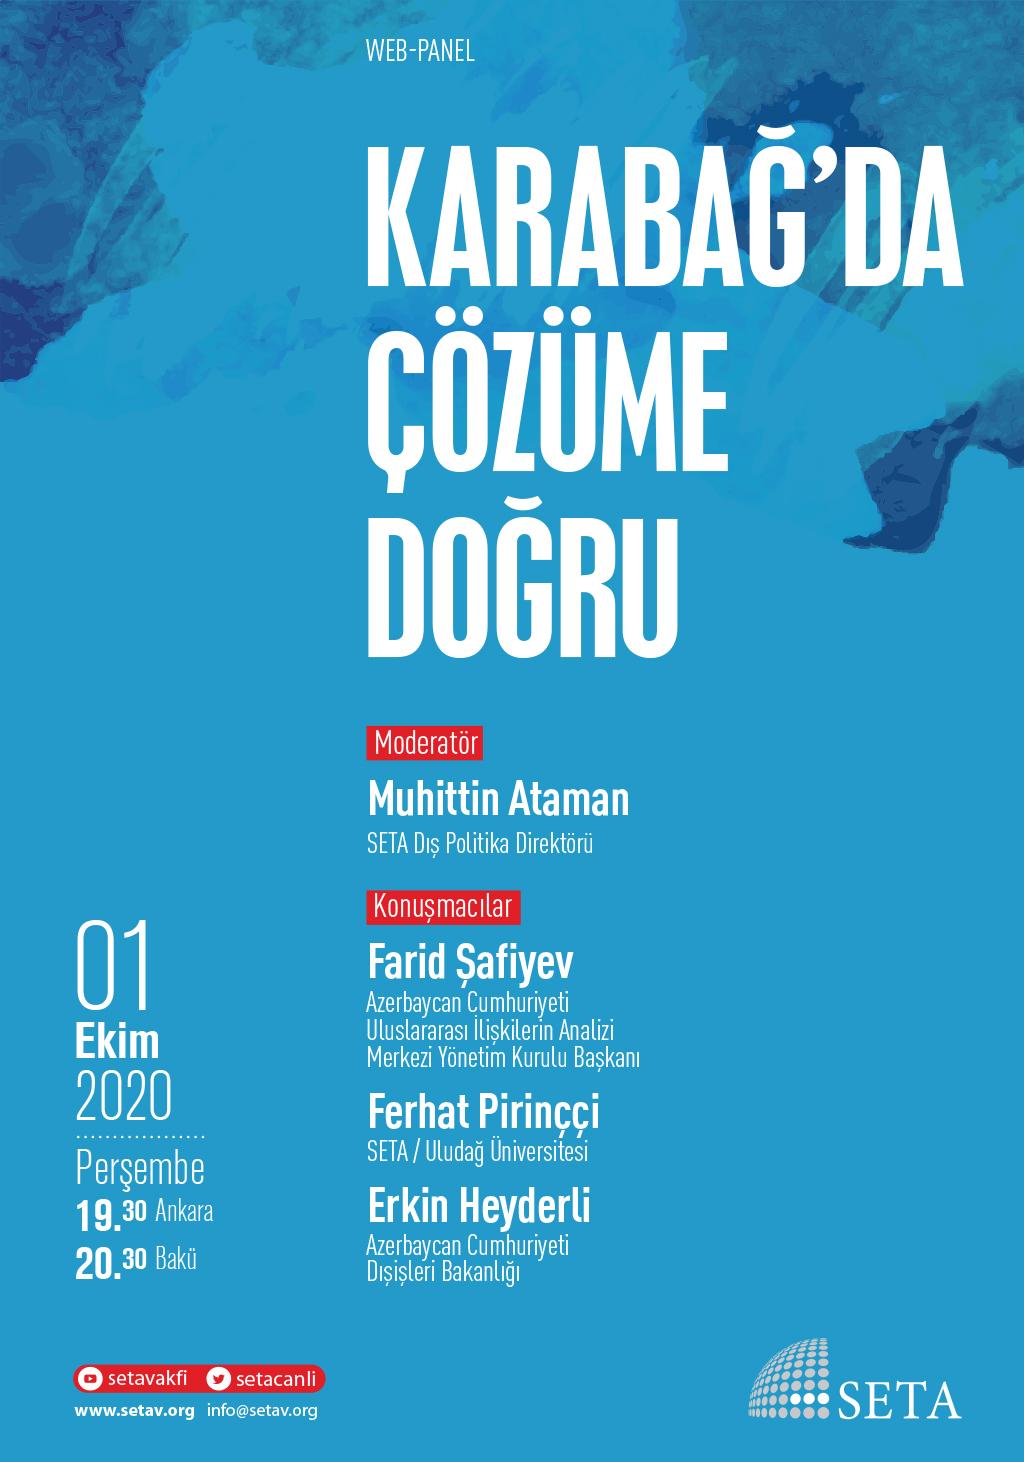 Web Panel: Karabağ'da Çözüme Doğru